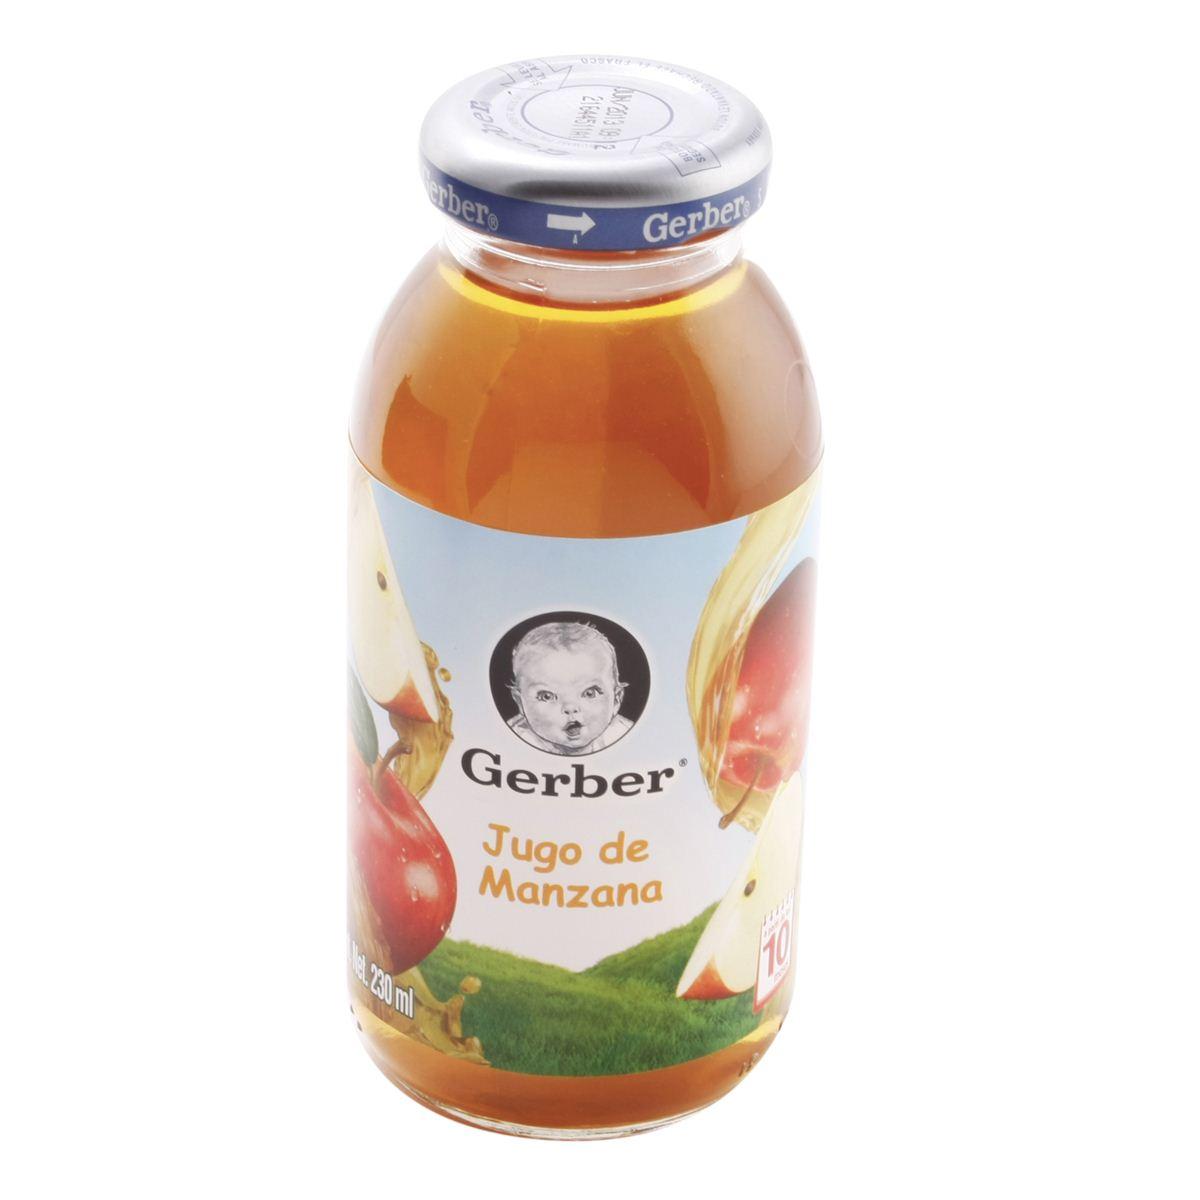 Gerber jugo de manzana 237 ml  - Sanborns